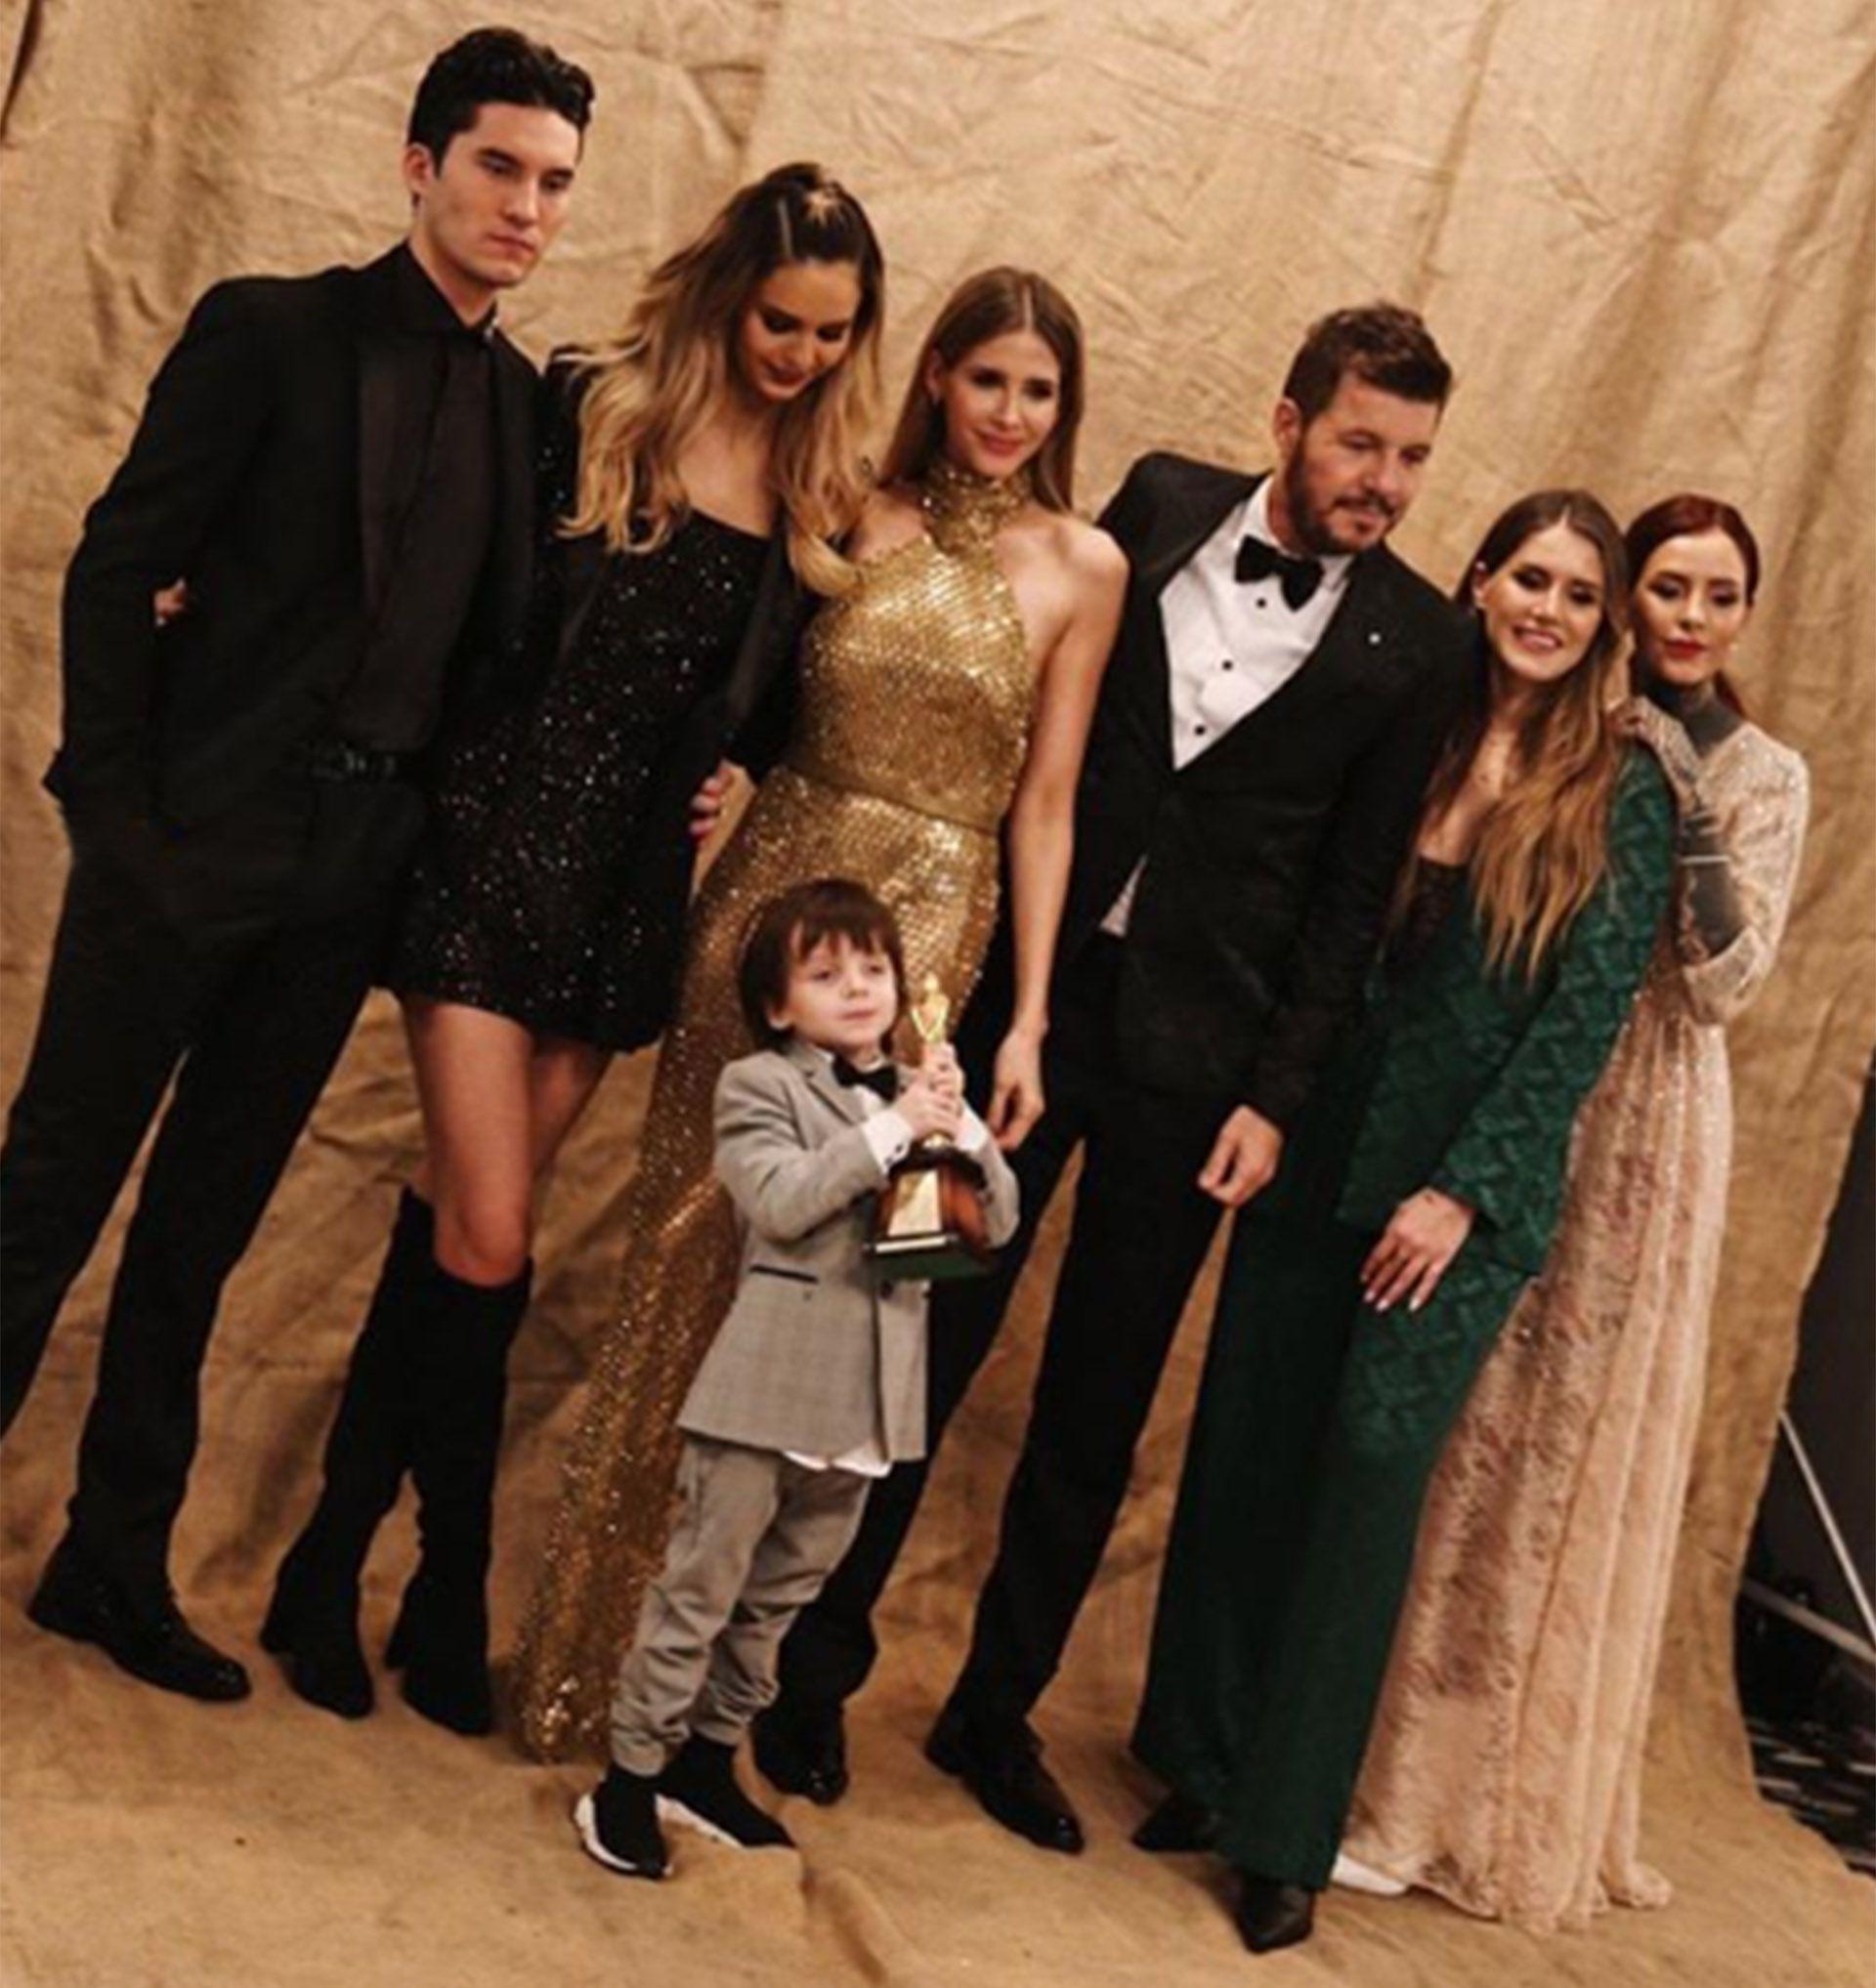 La familia completa acompañó a Marcelo a los Premios Martín Fierro 2019, donde fue homenajeado